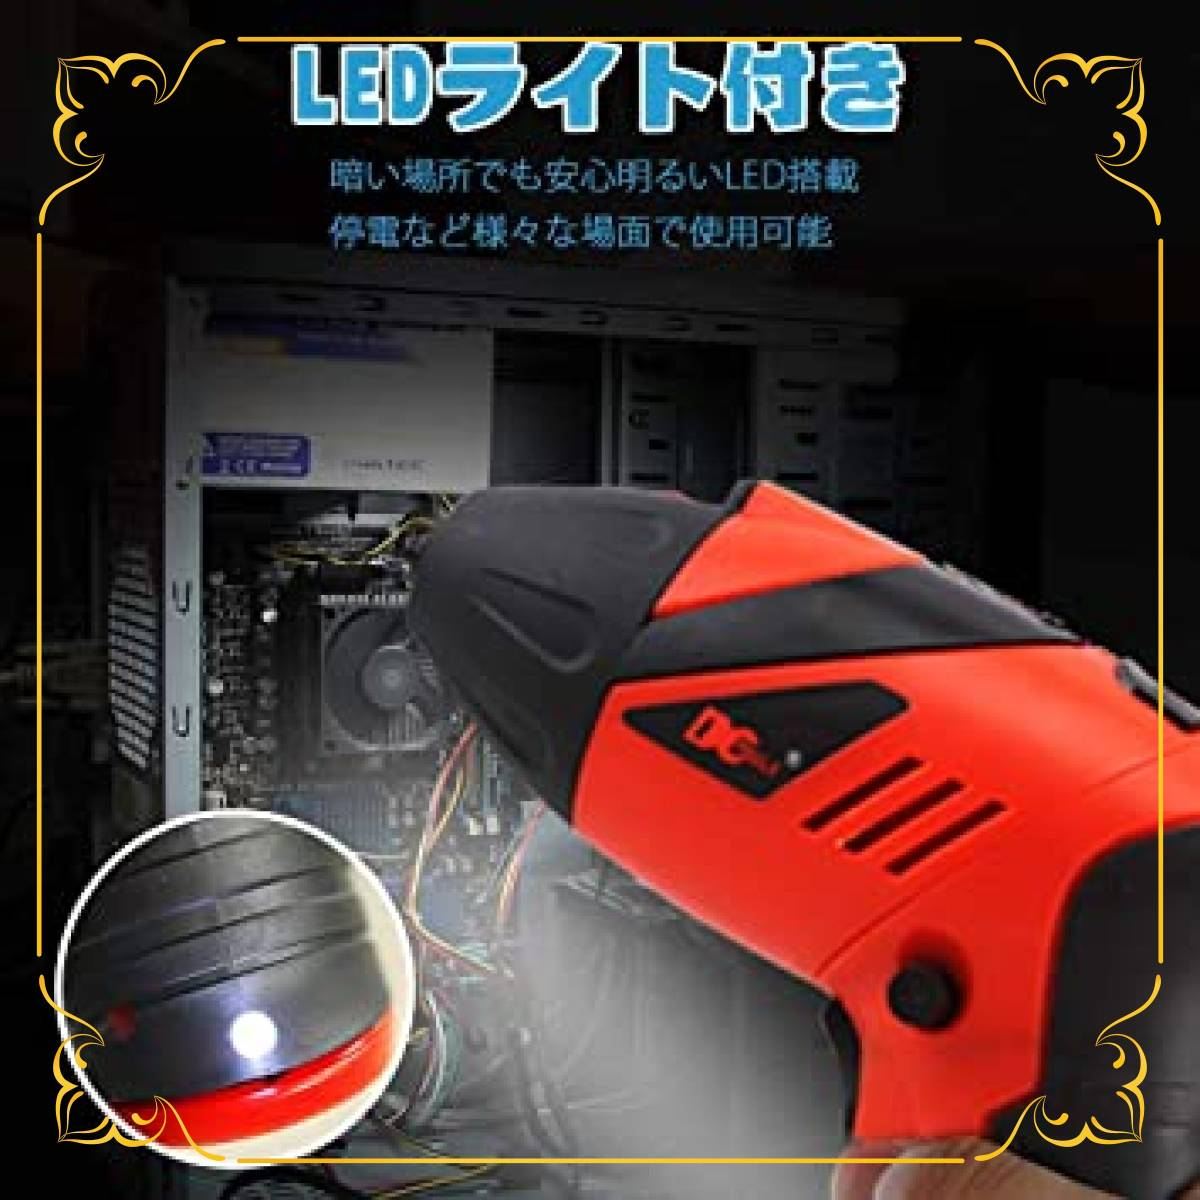 XINGEJU 電動ドライバー ドライバーセット 電動ドリル 充電式 正逆転可能 コードレス 照明機能 充電式 小型 軽量 43_画像6